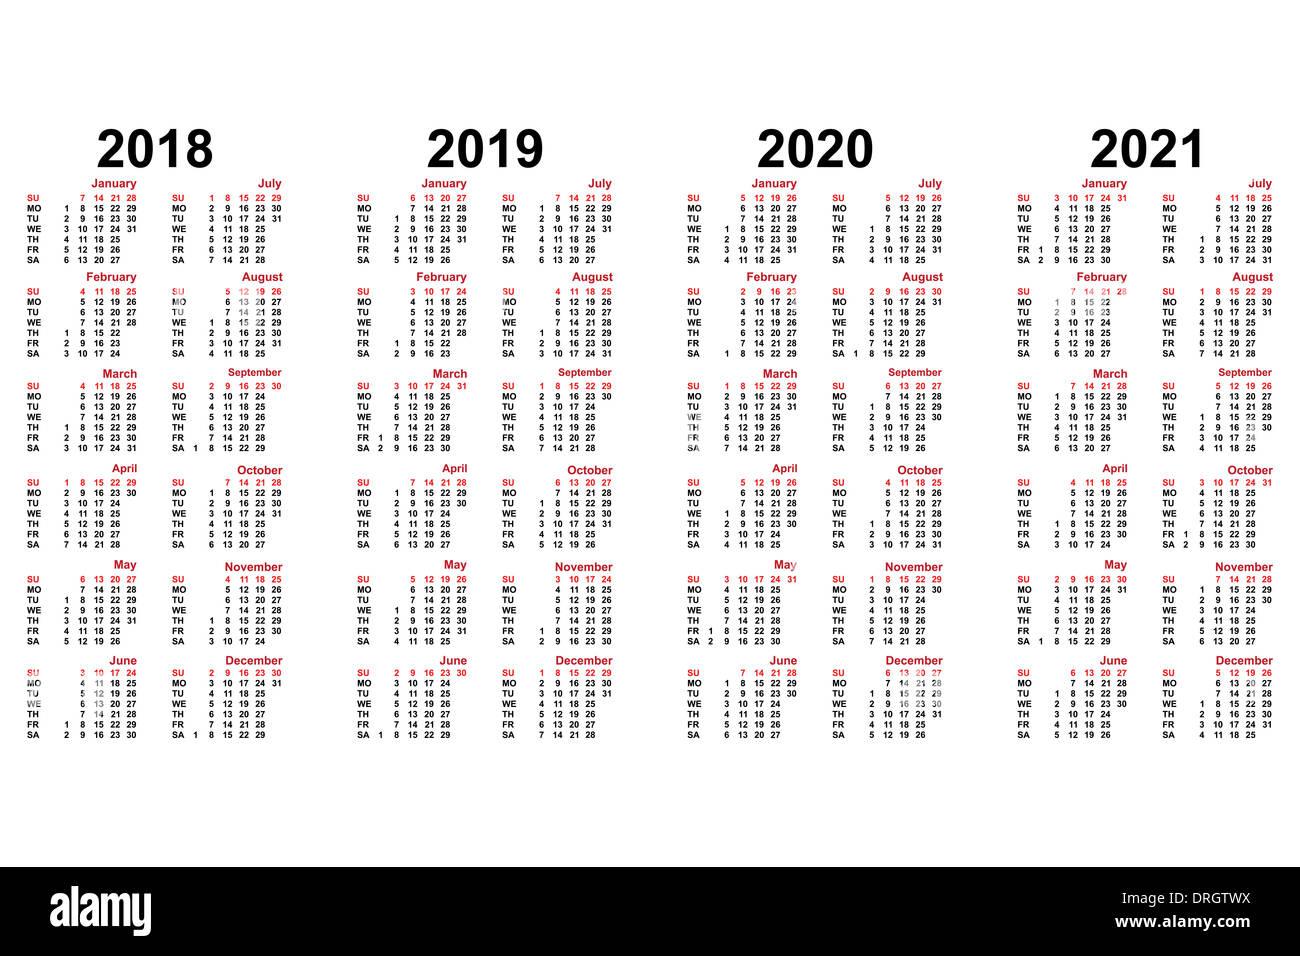 Calendrier 2018:2021 Calendrier pour 2018 à 2021 ans Photo Stock   Alamy